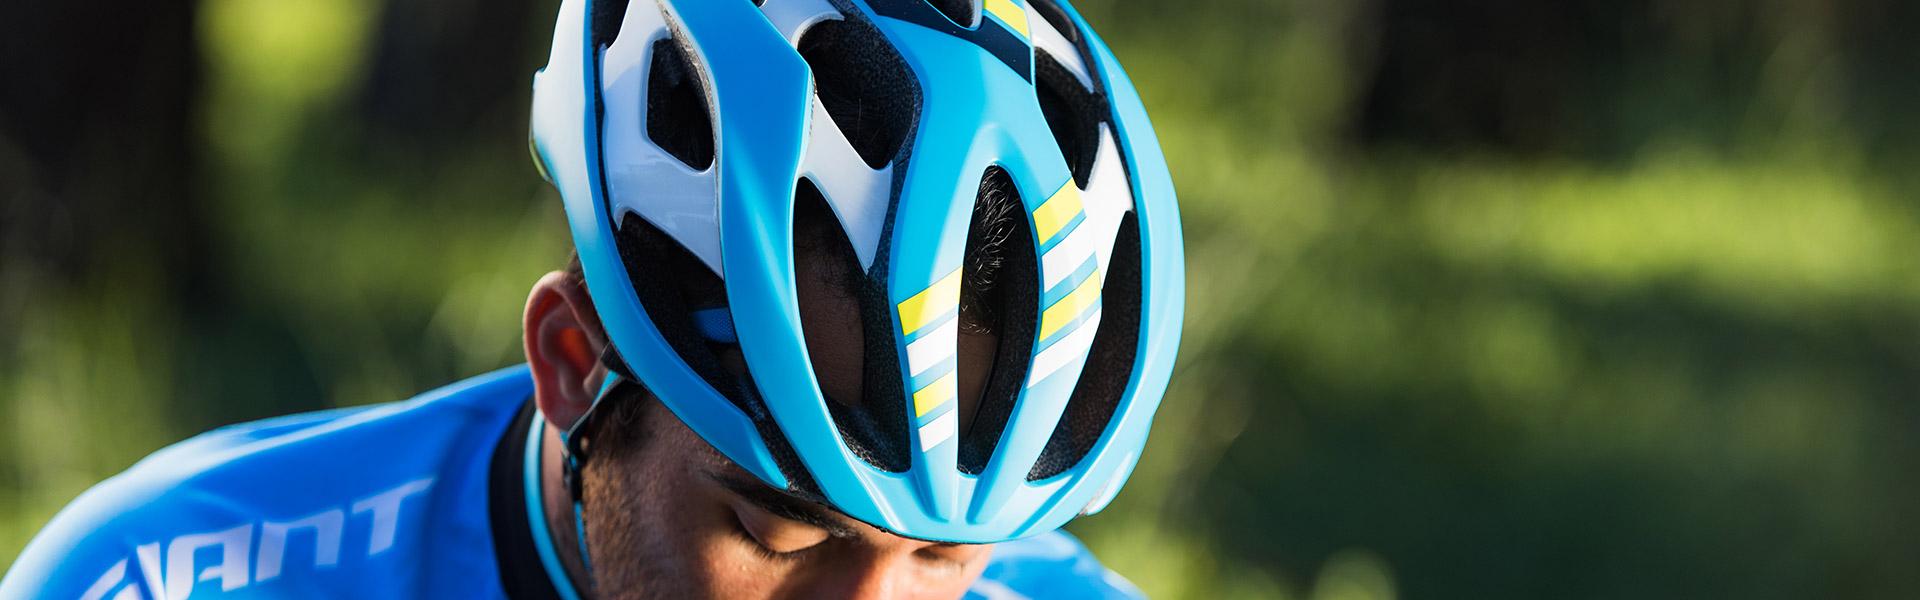 Helmet Crash Replacement